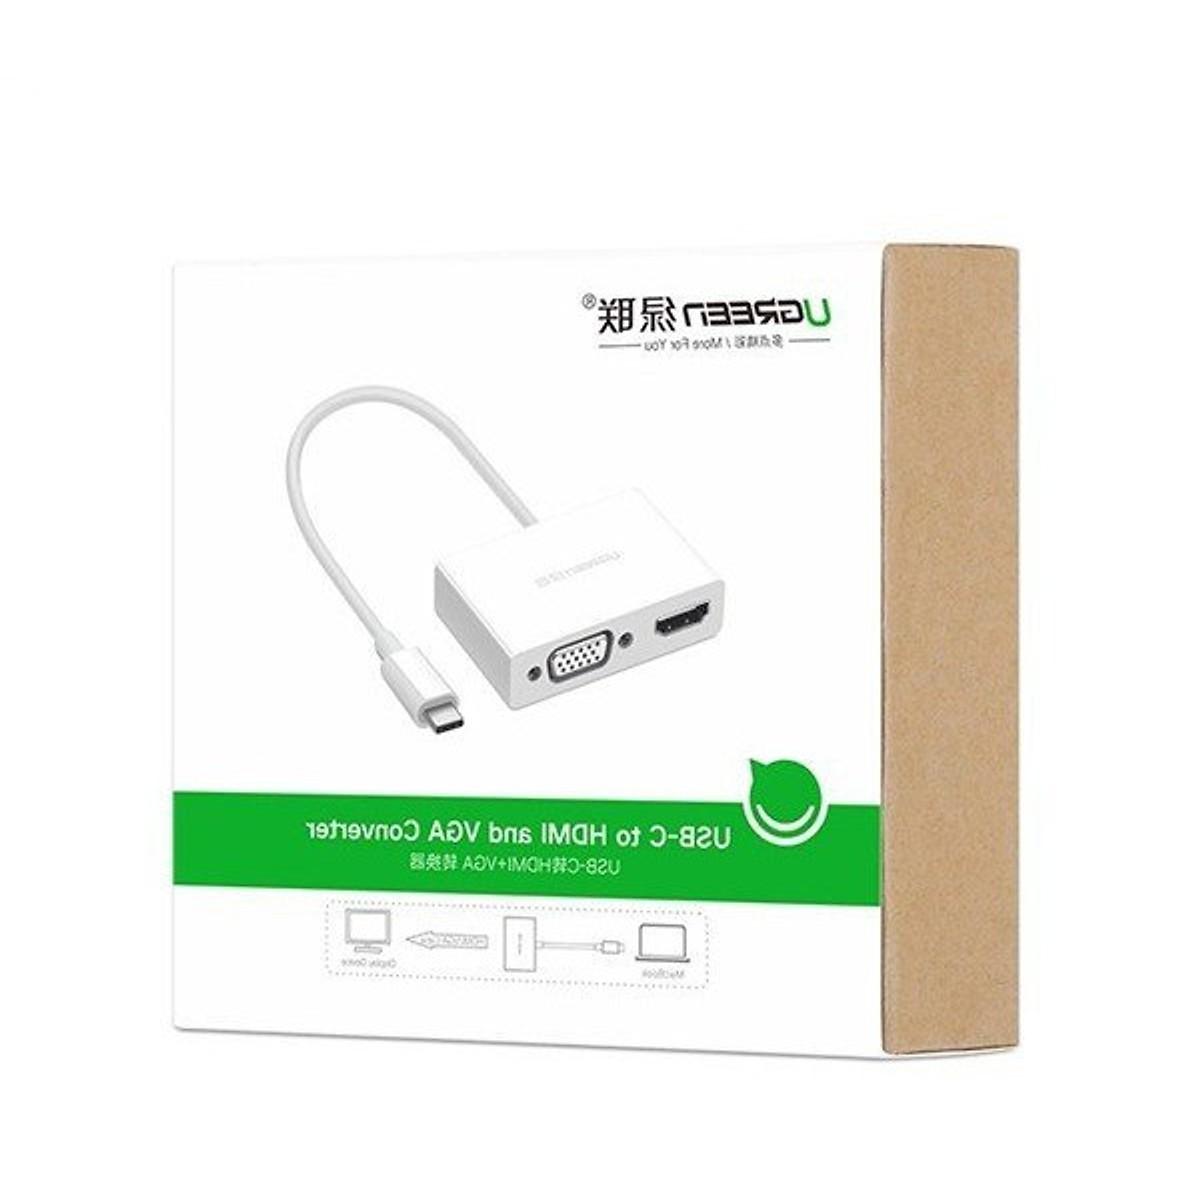 Cáp chuyển Đổi USB Type C sang HDMI và VGA Ugreen 30843 - Hàng Chính Hãng (Tặng kèm tai nghe điện thoại)